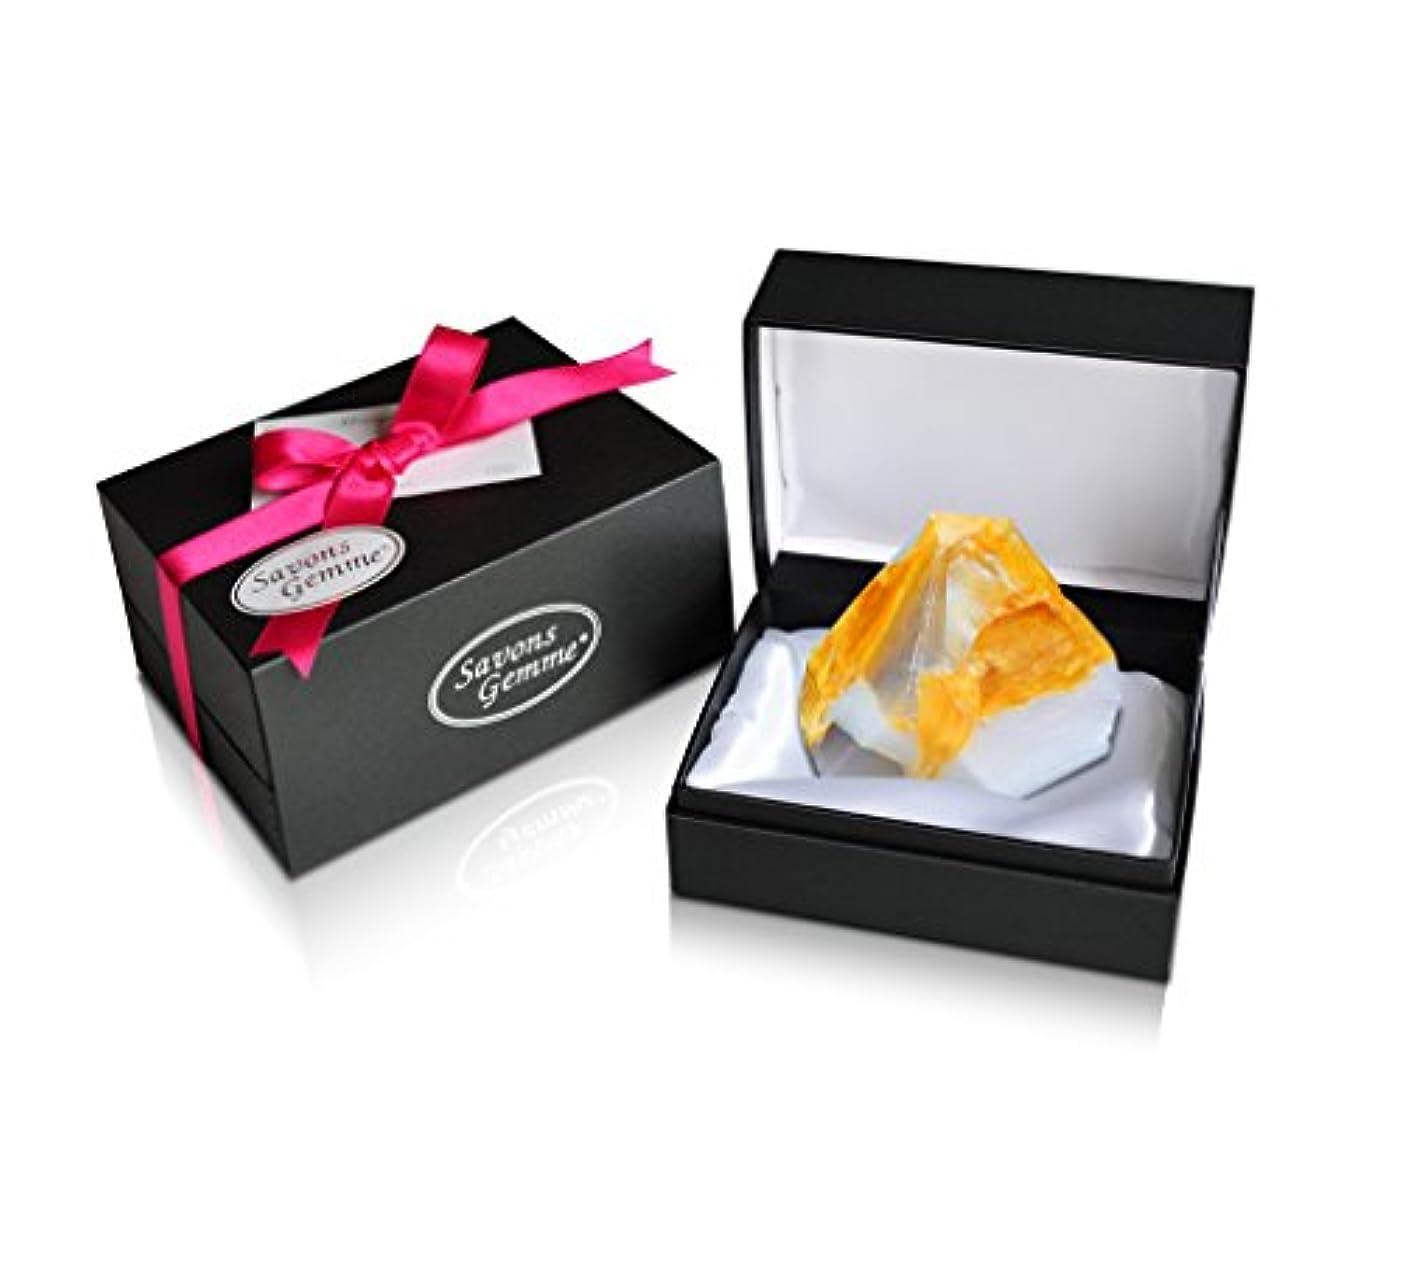 私達ペナルティ特許Savons Gemme サボンジェム ジュエリーギフトボックス 世界で一番美しい宝石石鹸 フレグランス ソープ 宝石箱のようなラグジュアリー感を演出 アルバトールオリエンタル 170g 【日本総代理店品】